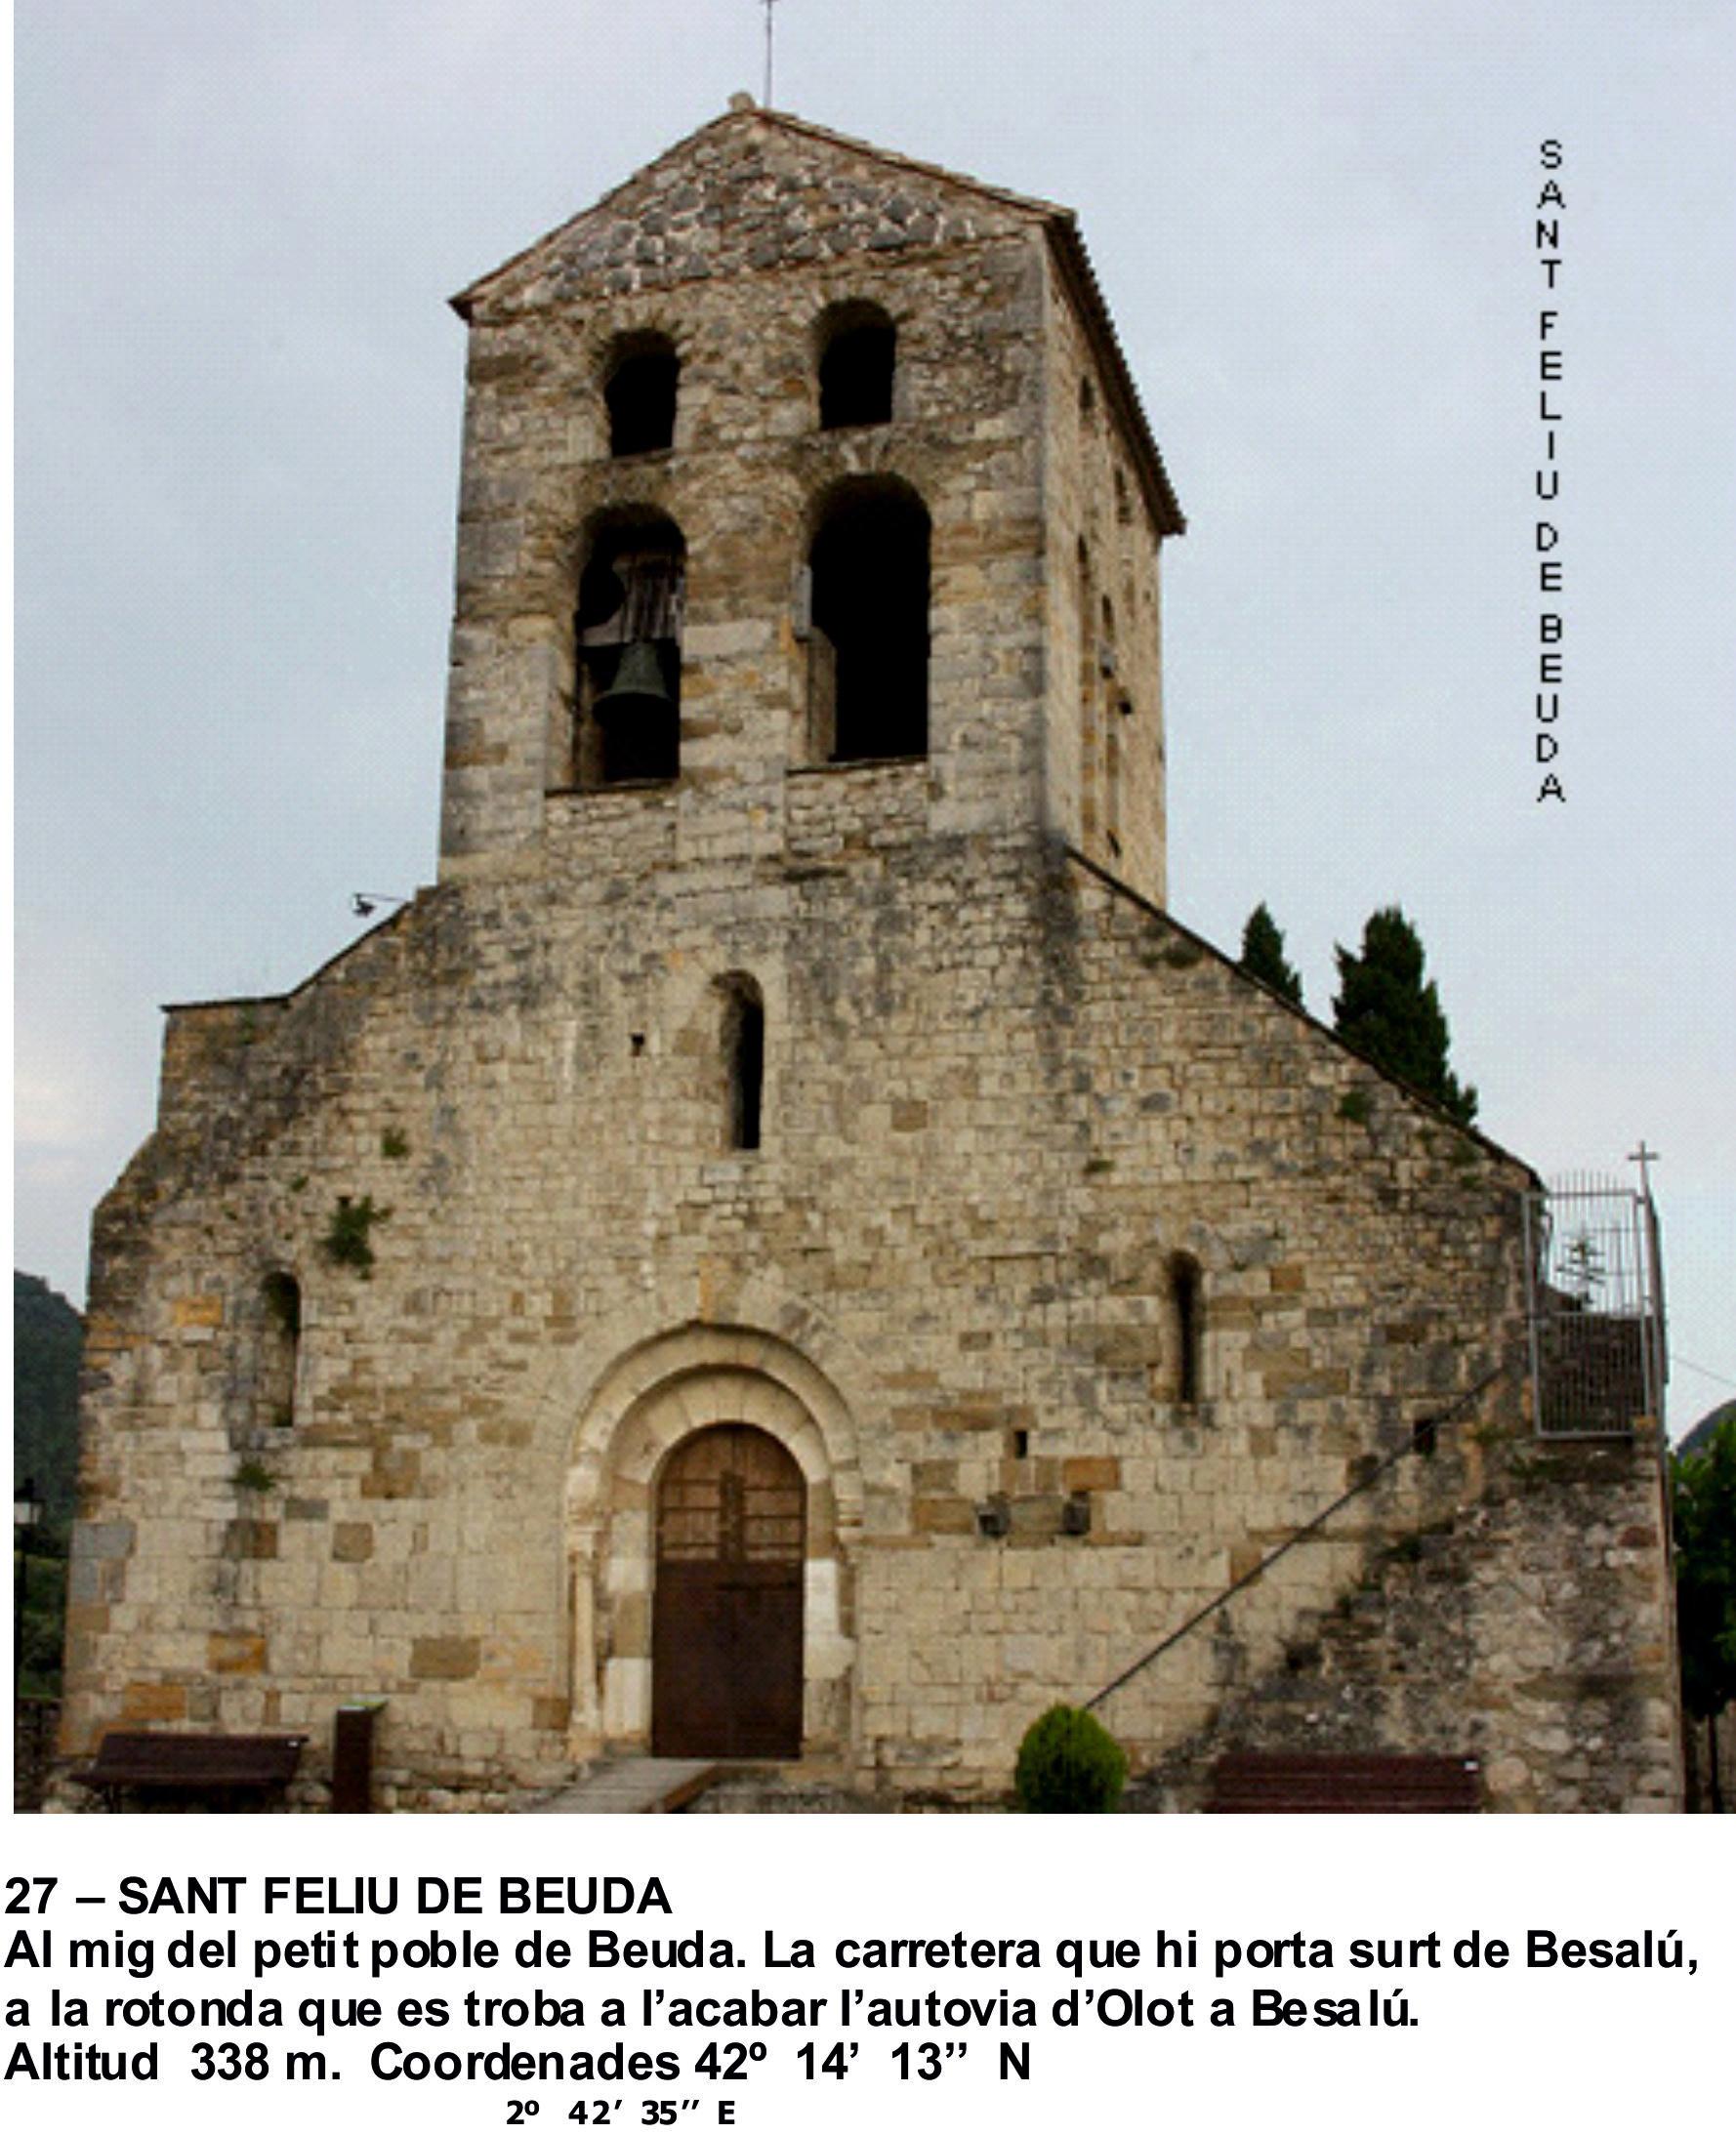 27_–_SANT_FELIU_DE_BEUDA